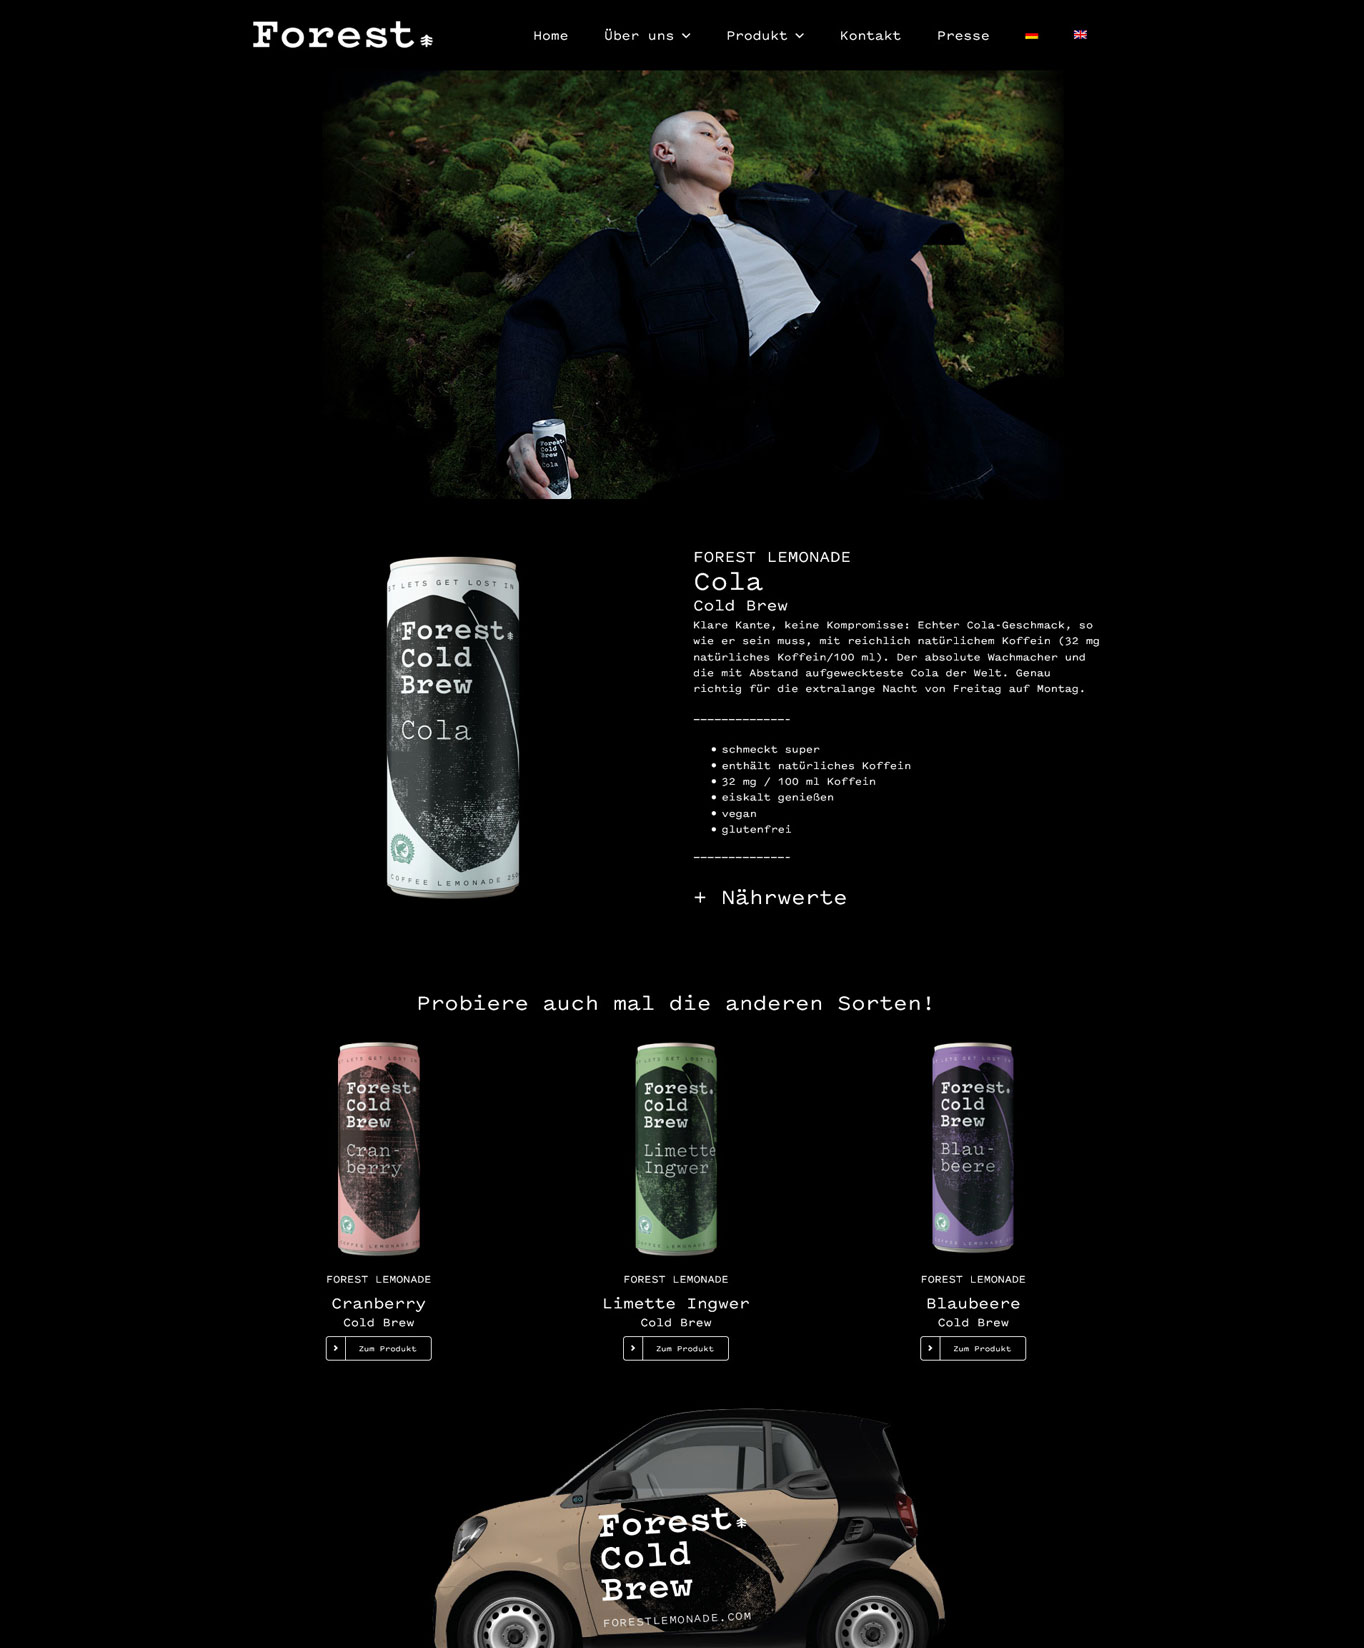 Forest-Lemonade-Cola